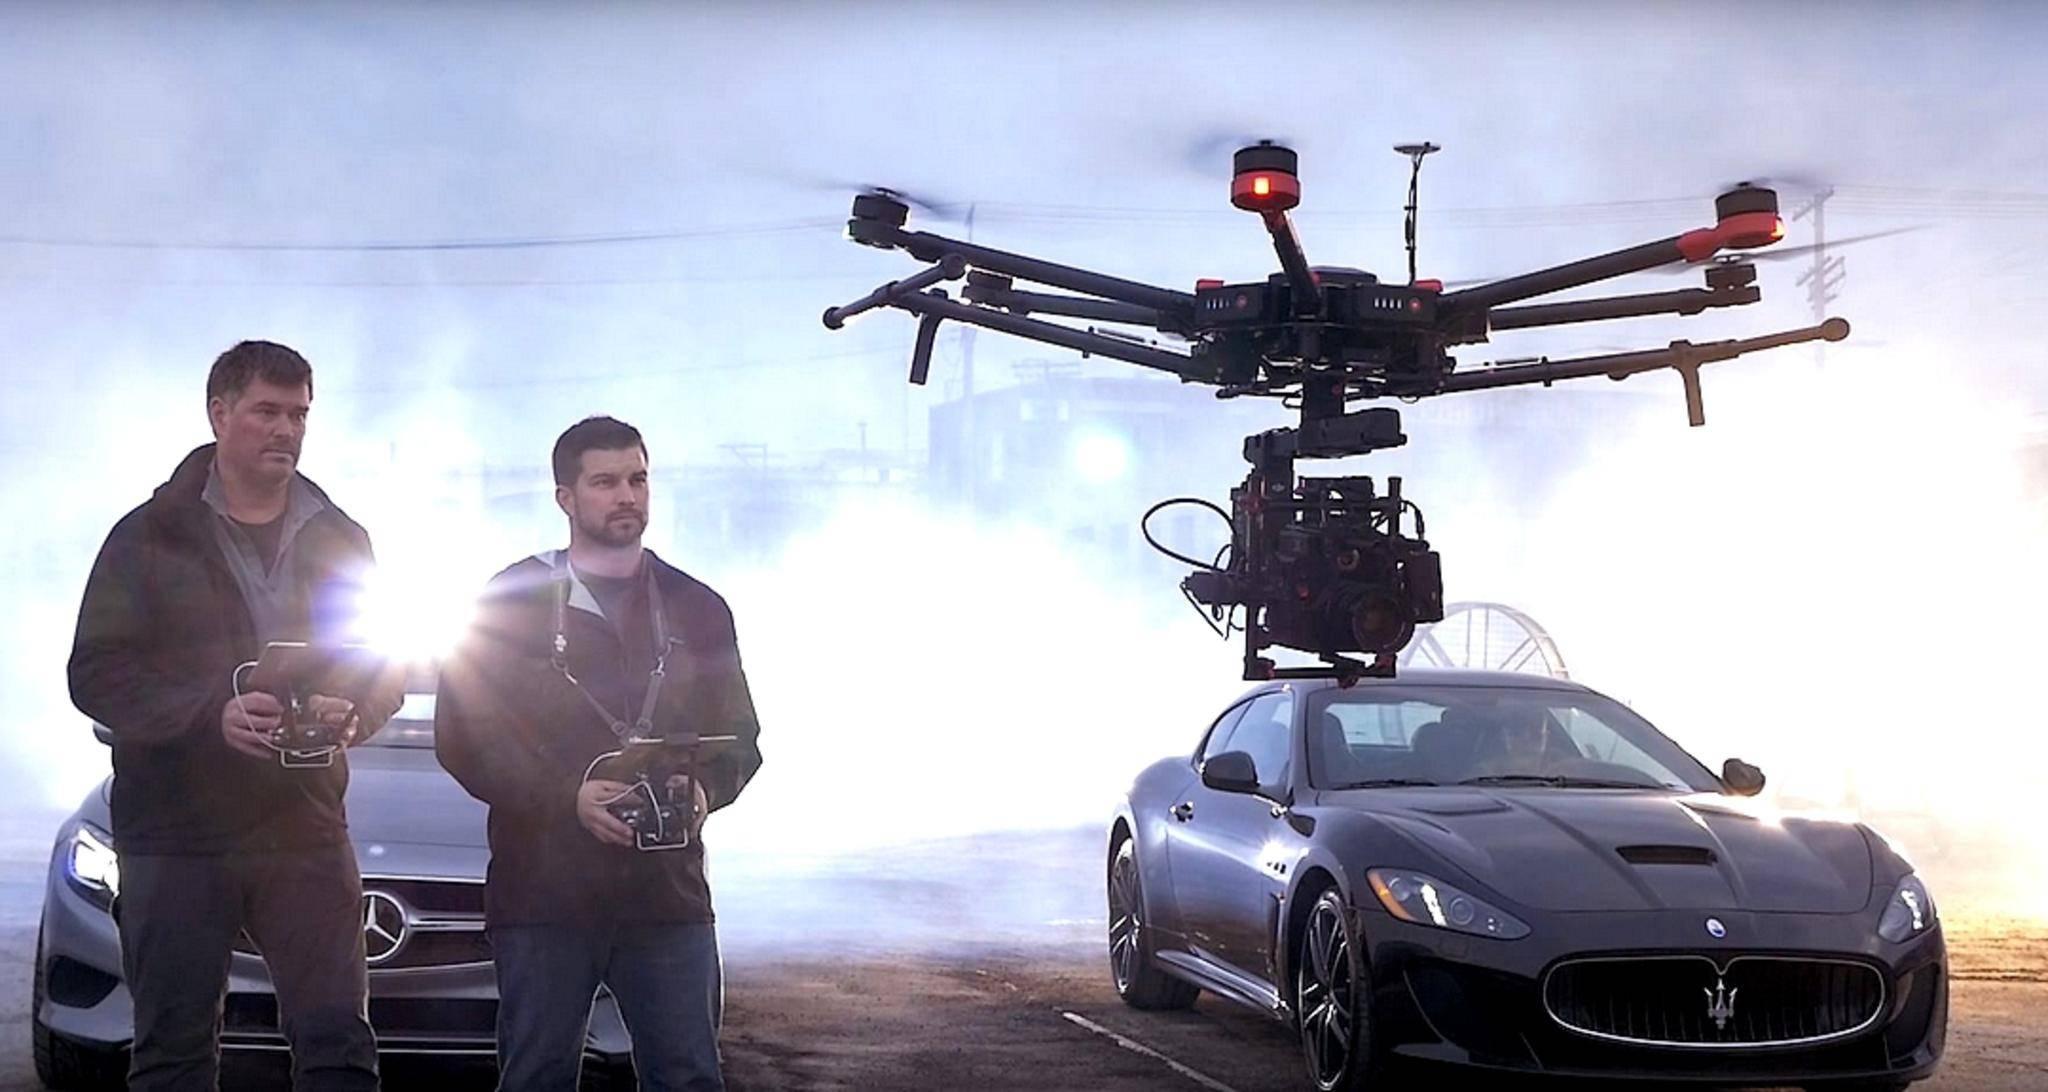 Drohnen sind aus vielen Arbeitsbereichen gar nicht mehr wegzudenken.